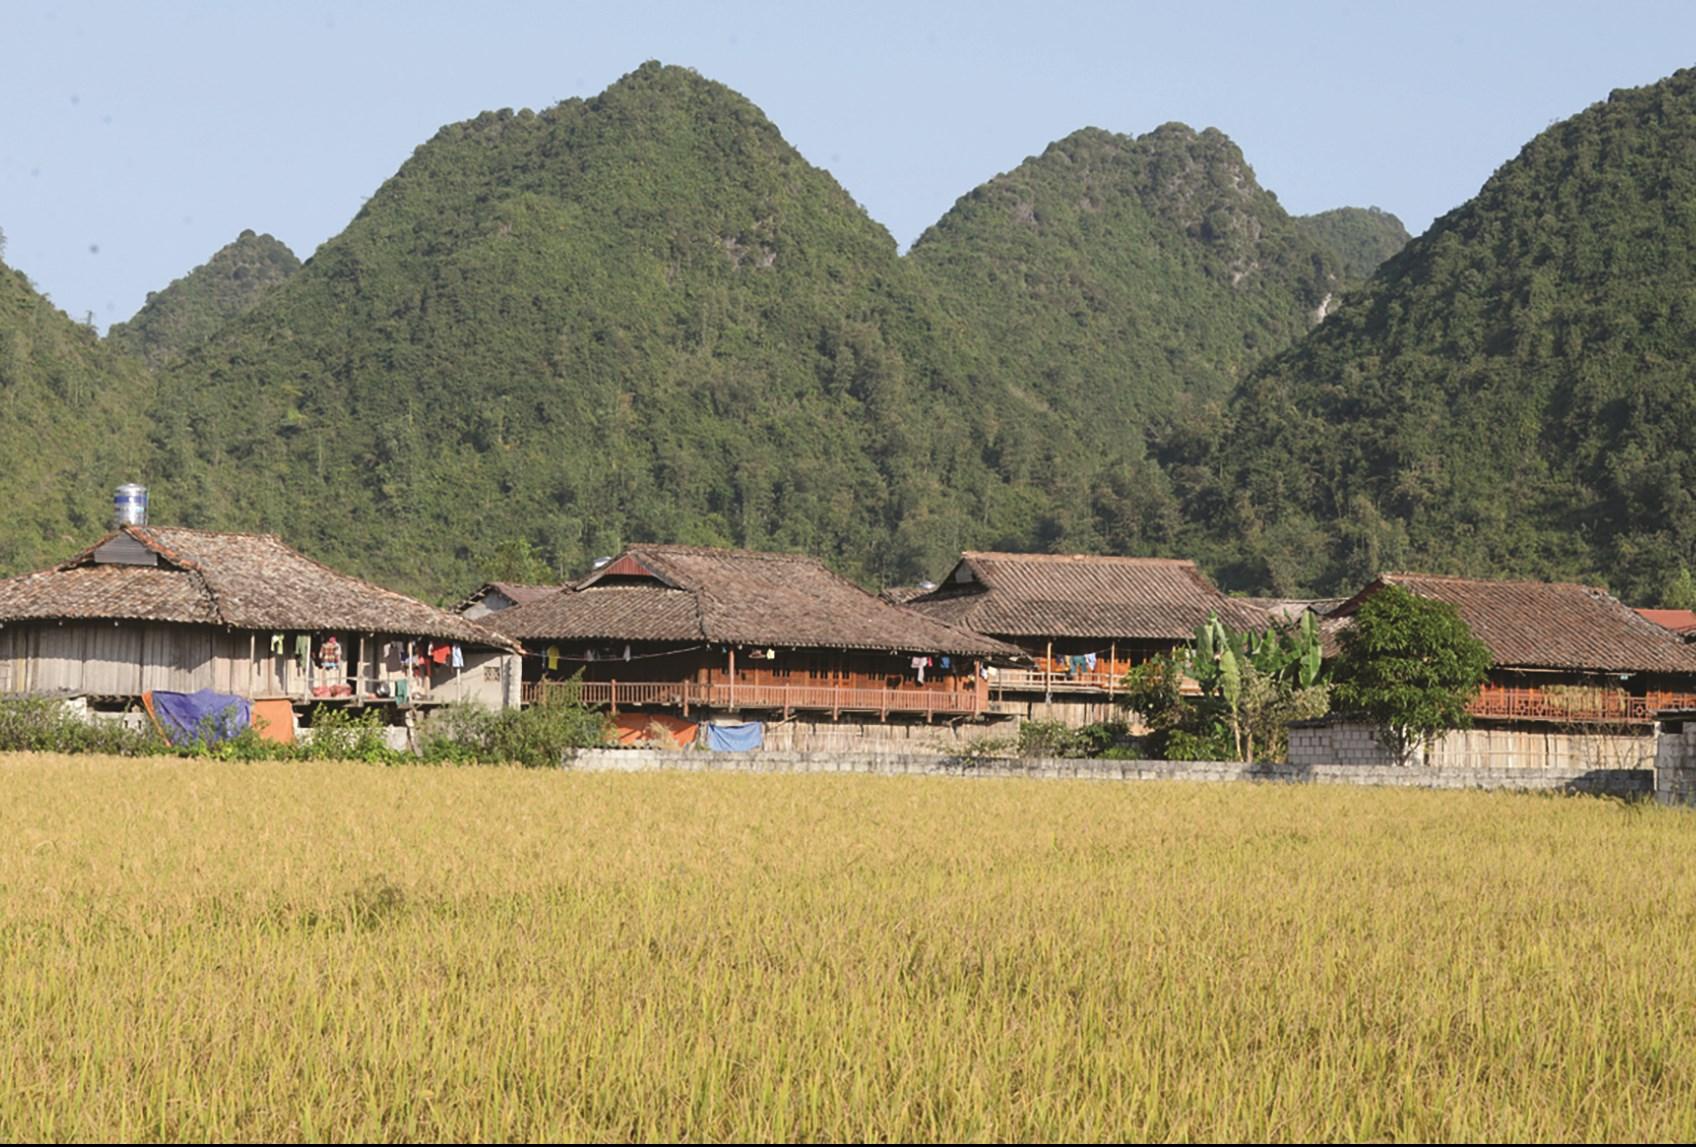 Những ngôi nhà sàn mang nét đặc trưng của đồng bào DTTS ở Bắc Sơn